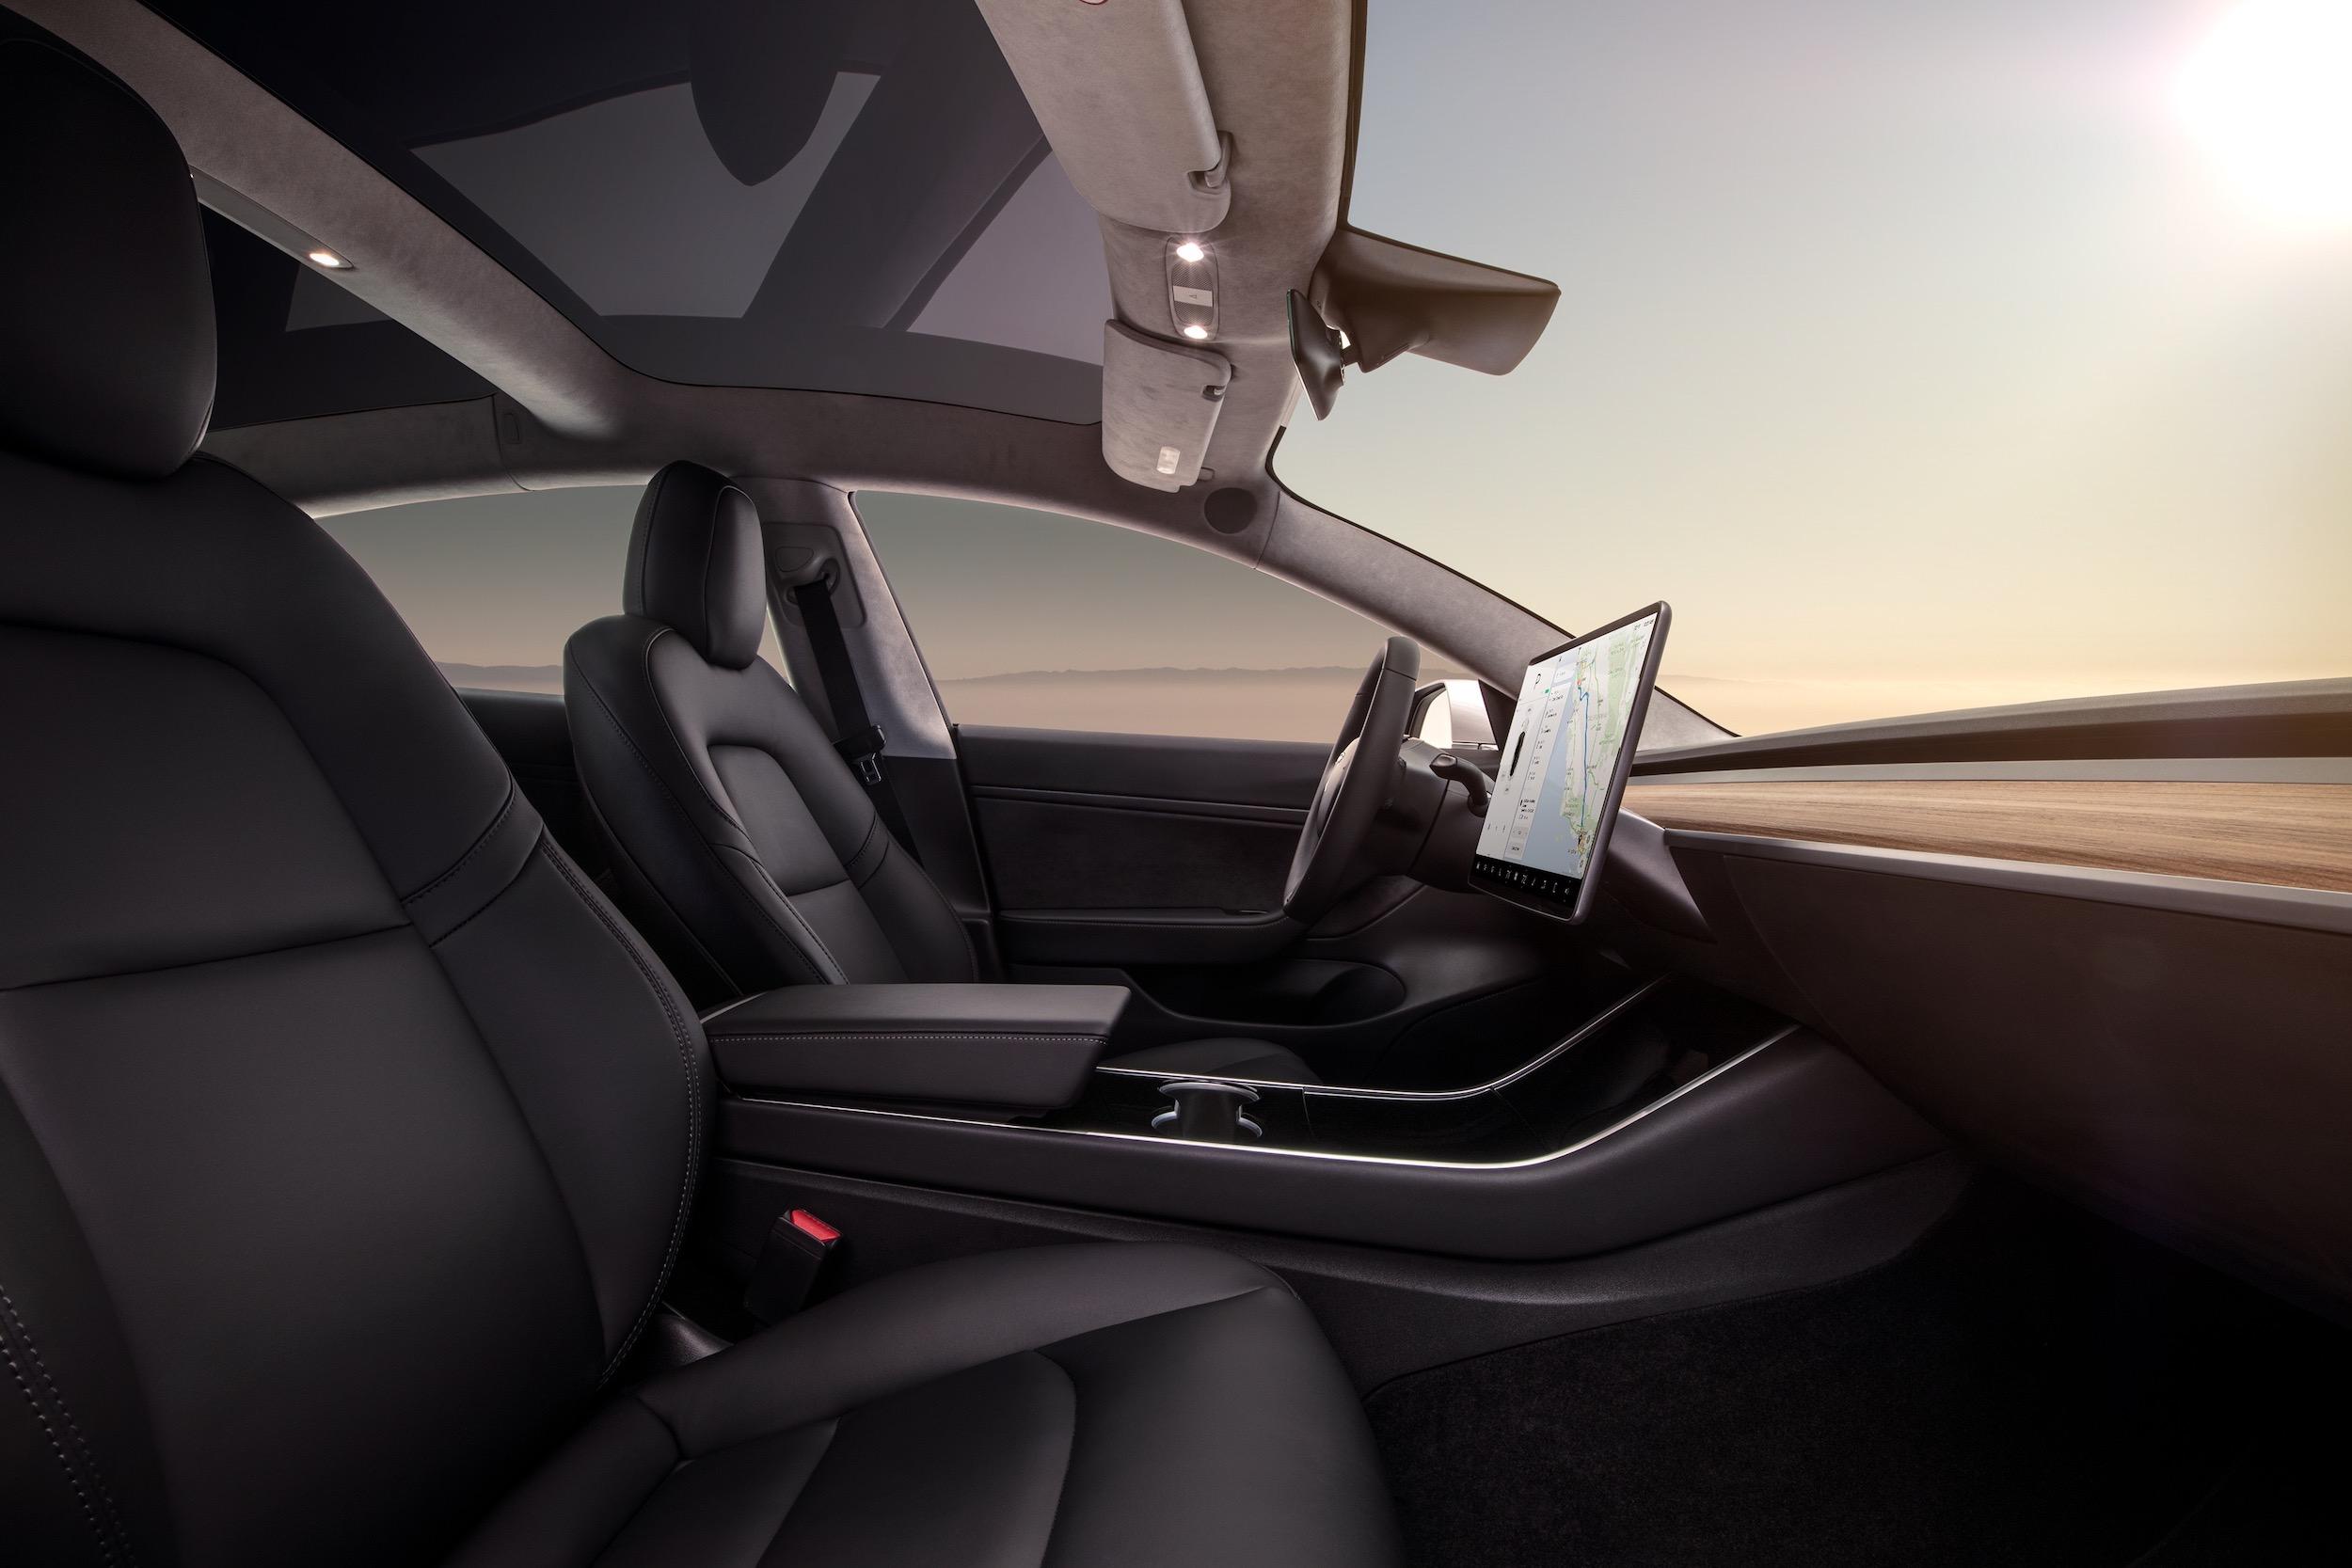 Model 3 Interior Dash – Profile View